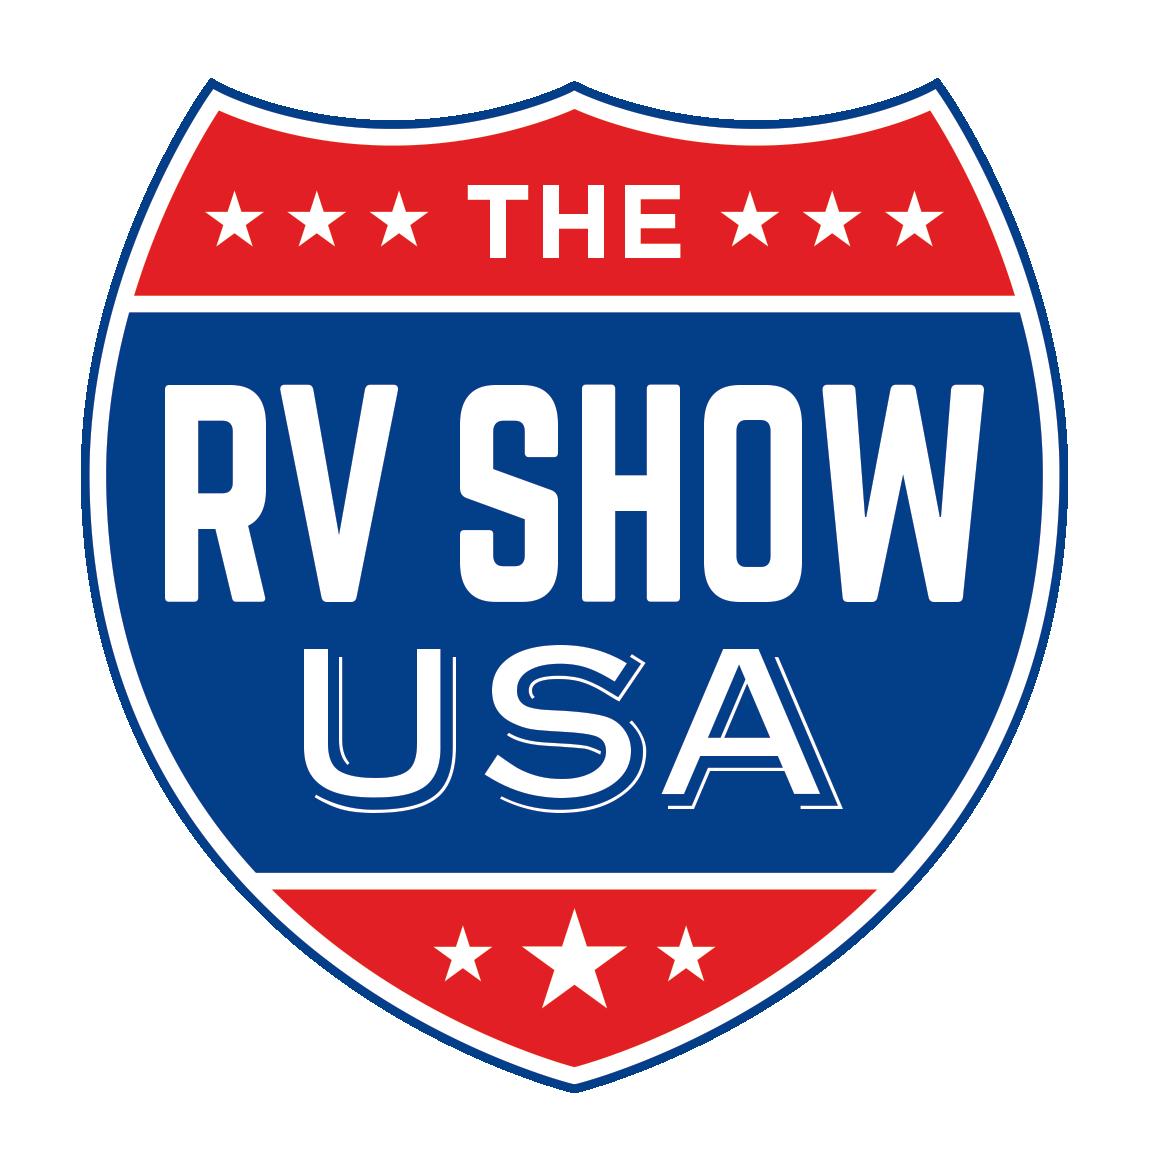 The RV Show USA